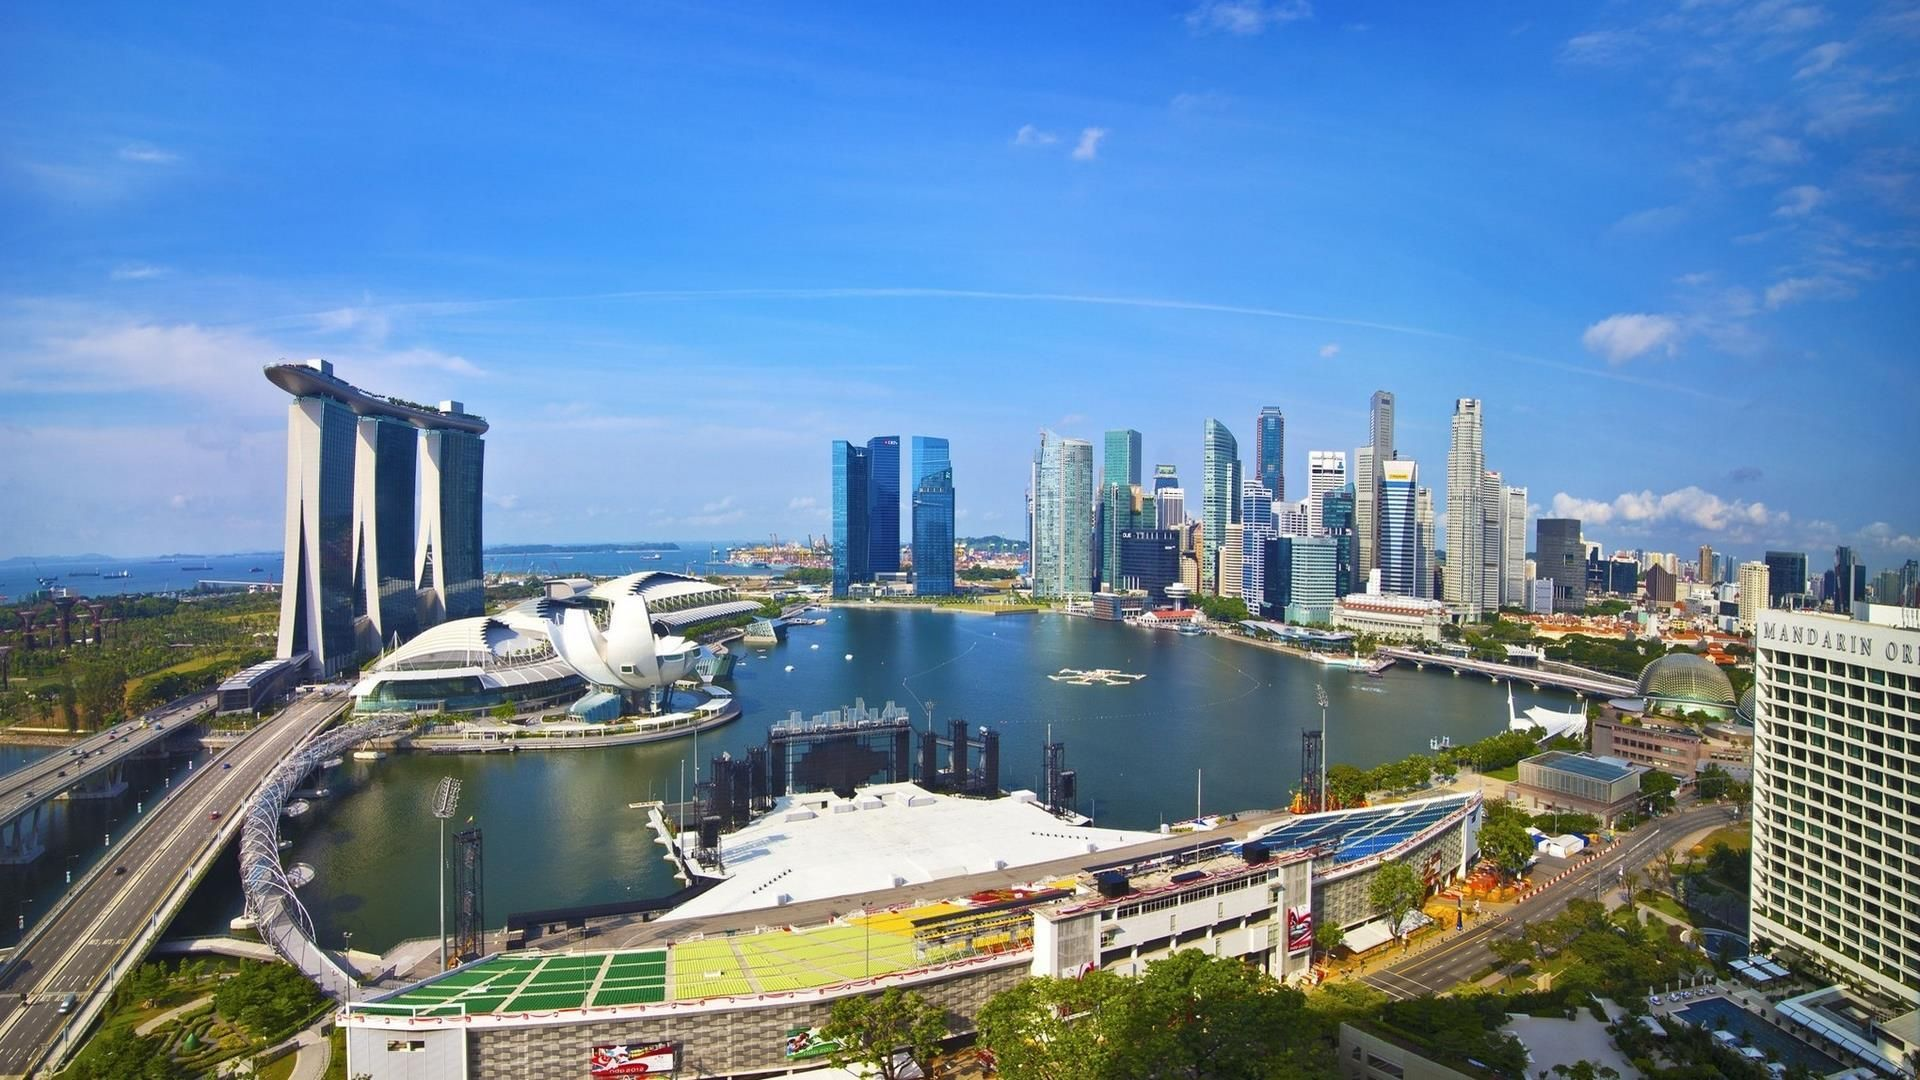 Les Plus Grandes Villes Du Monde Paysages Du Monde Fonds D Ecran Gratuits By Unesourisetmoi Grandes Villes Du Monde Paysages Du Monde Villes Du Monde